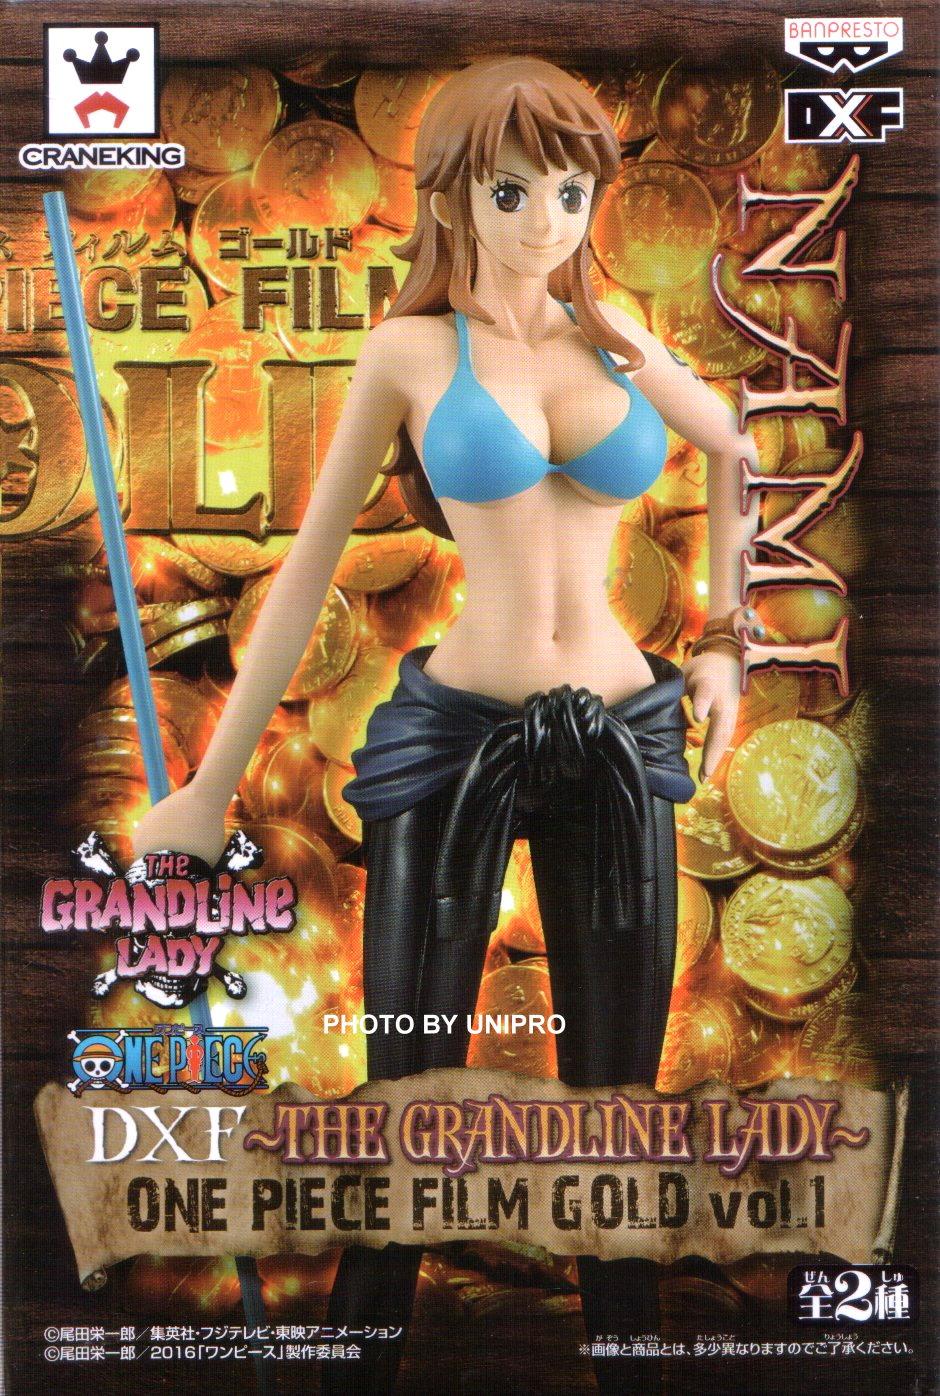 台灣代理版 電影版 DXF THE GRANDLINE LADY ONE PIECE FILM GOLD VOL.1 單售 娜美 NAMI 海賊王 航海王 公仔